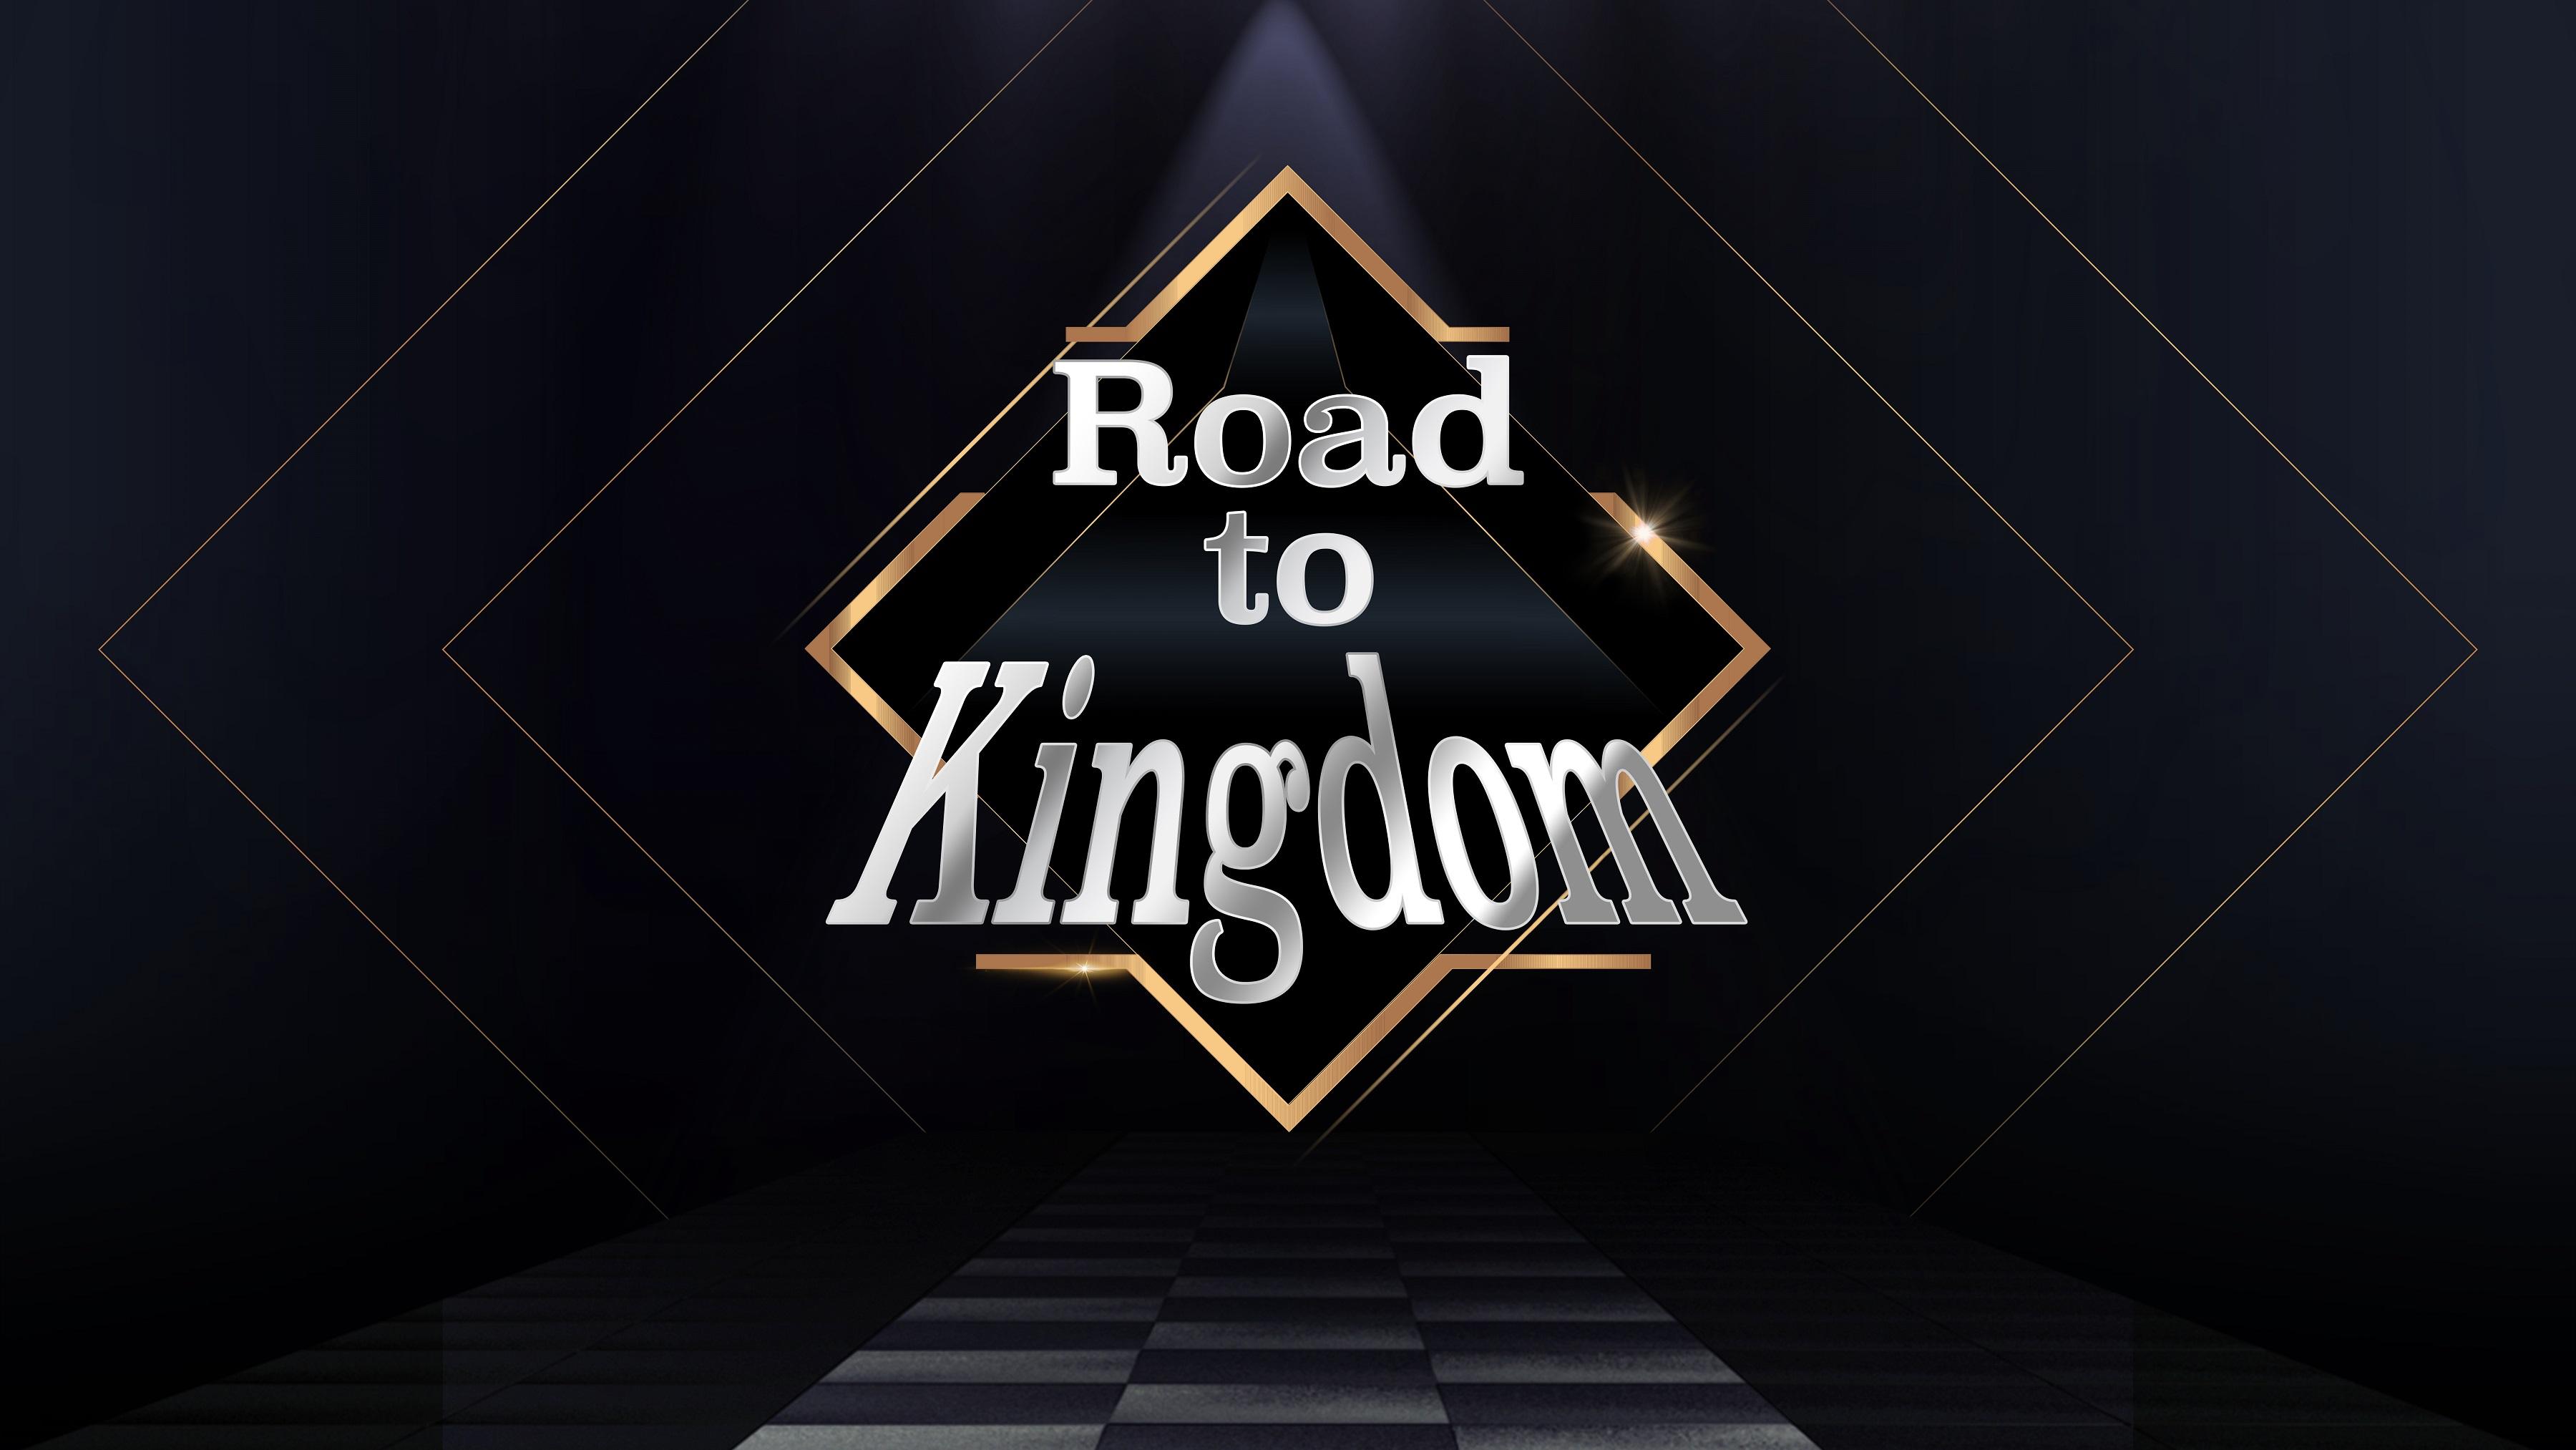 人気と実力を兼ね備えた K-POP ボーイズグループのカムバック合戦がついに始動!「 Road to Kingdom 」4月 30 日 20 時 日韓同時放送決定!!